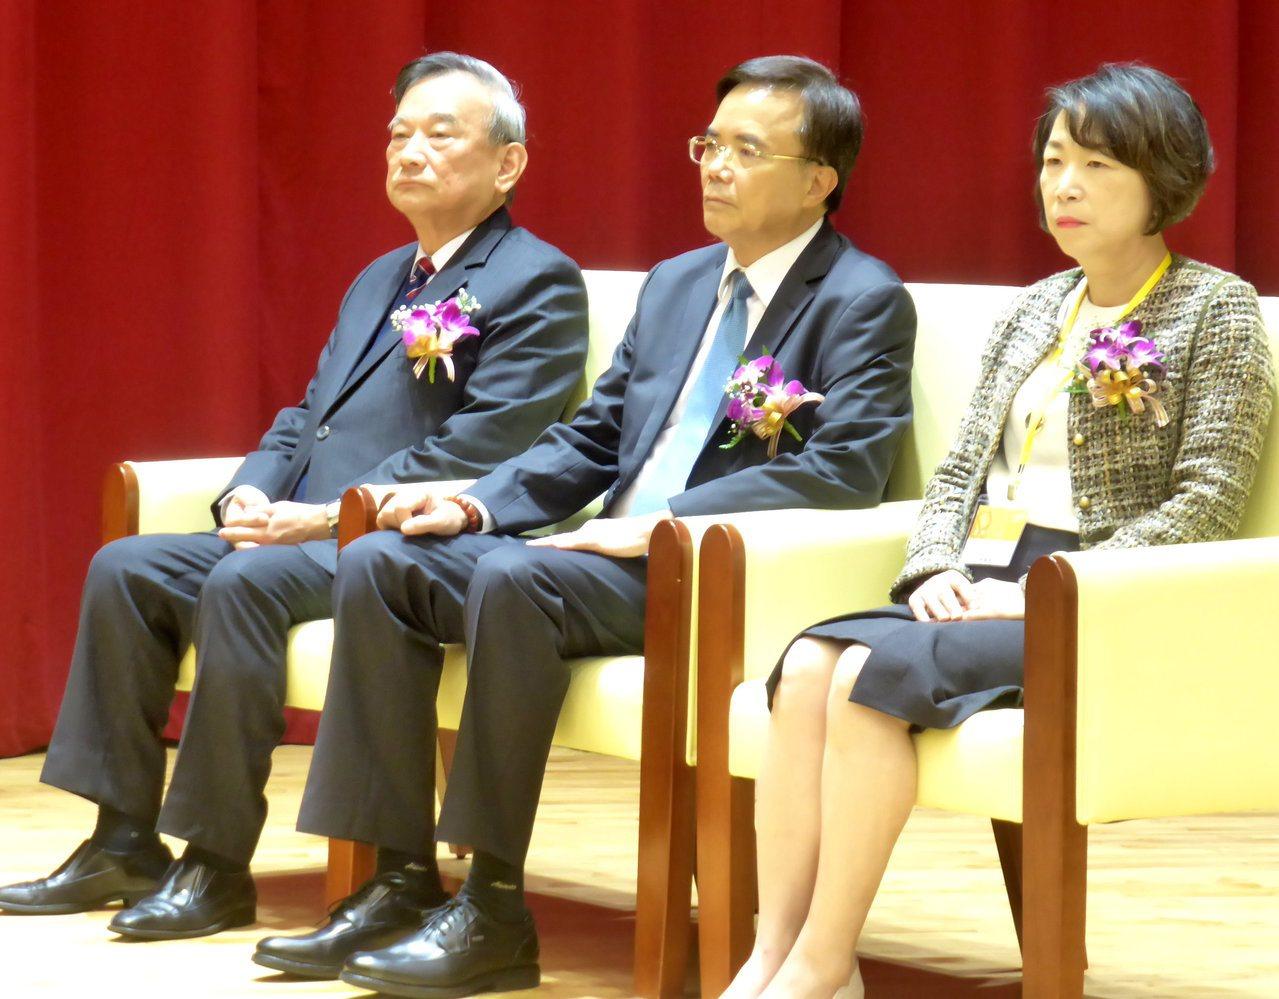 第74屆司法節學術研討會今在法官學院當場,審、檢、辯約250人參與。記者王宏舜/...